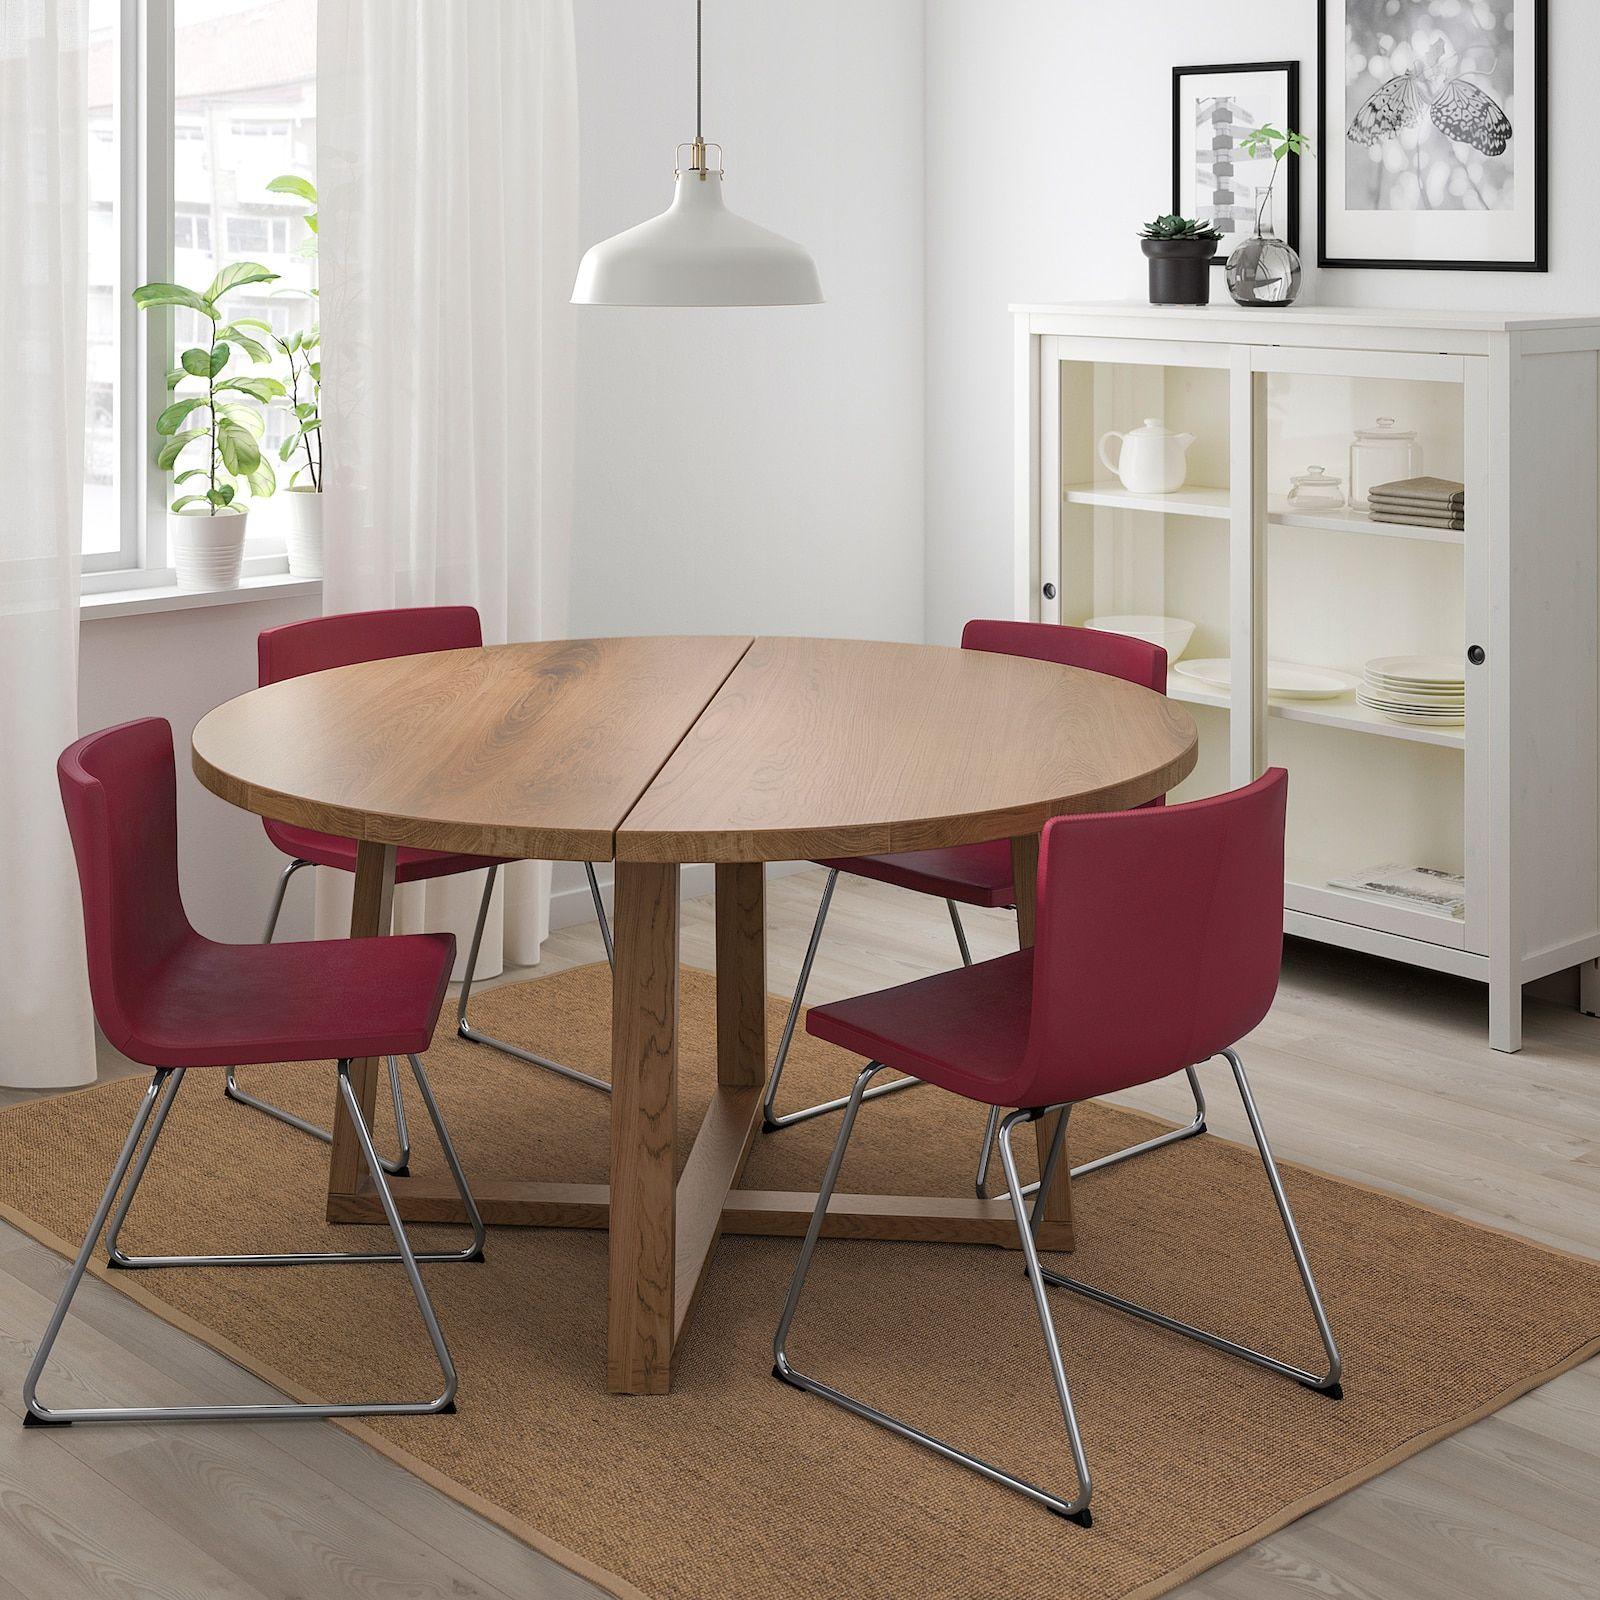 Morbylanga Table Oak Veneer Brown Stained Length 57 1 8 Ikea Small Dining Table Dining Table Ikea [ 1600 x 1600 Pixel ]